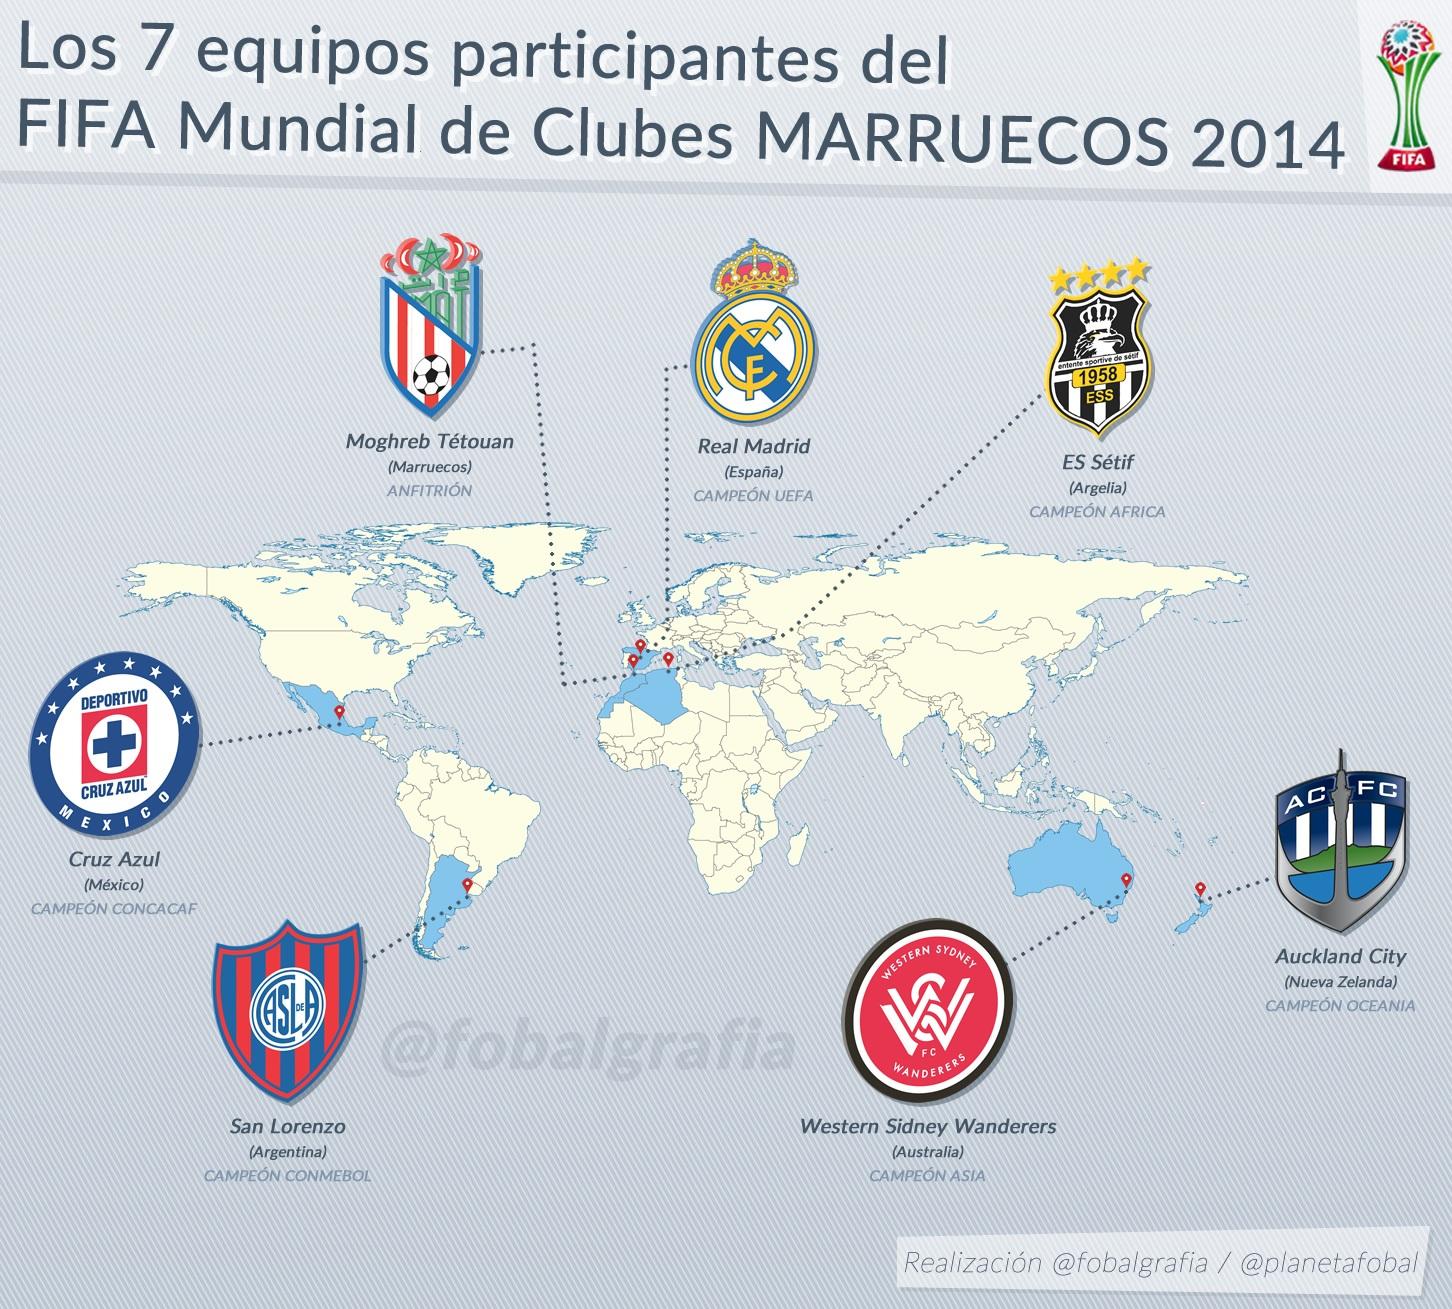 Los siete clubes que jugarán el Mundial de Clubes 2014